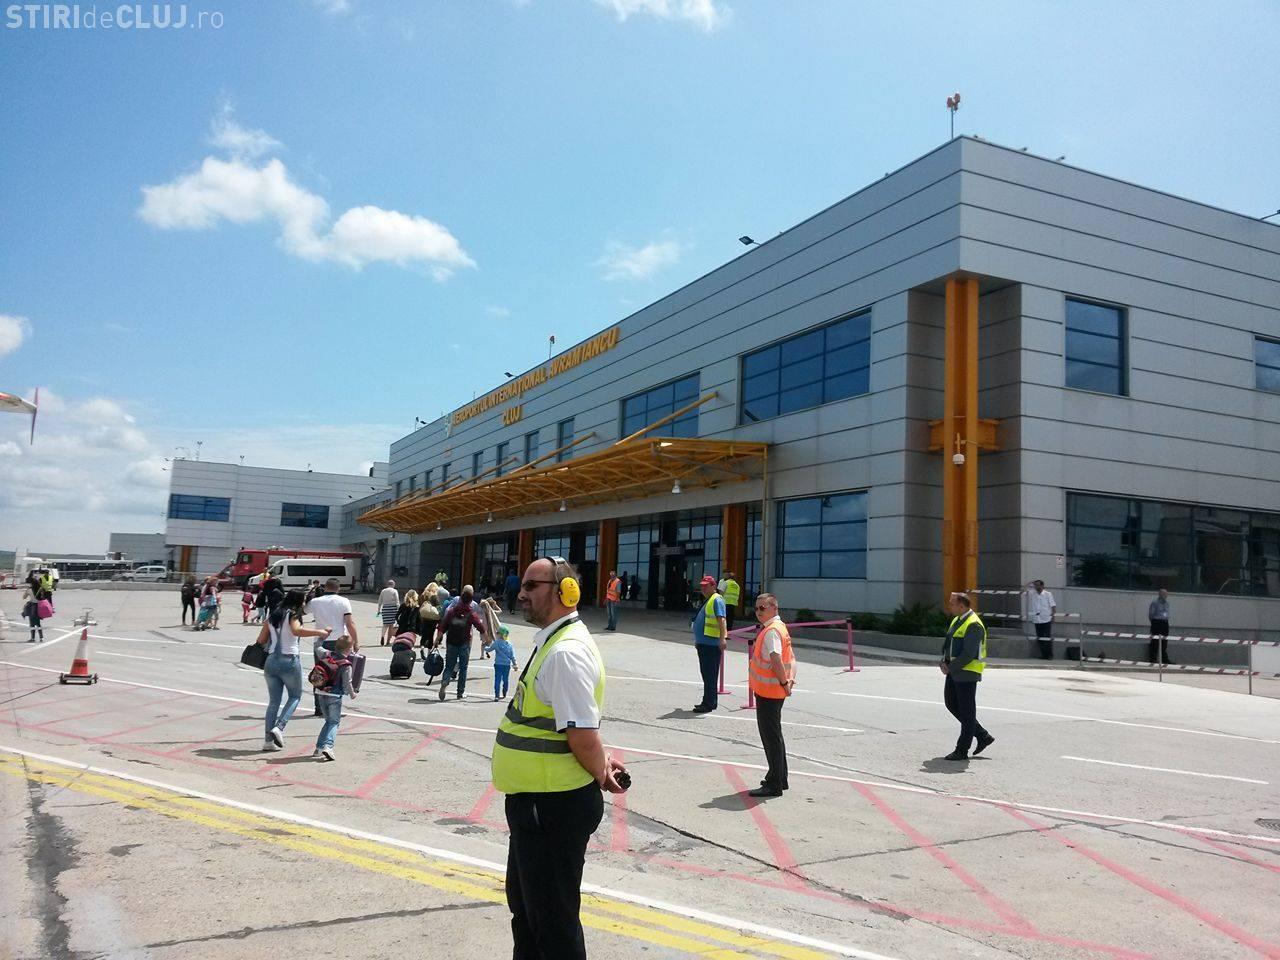 Precizări privind situația generată de schimbările aduse de Consiliul Județean Cluj la Aeroportul Cluj